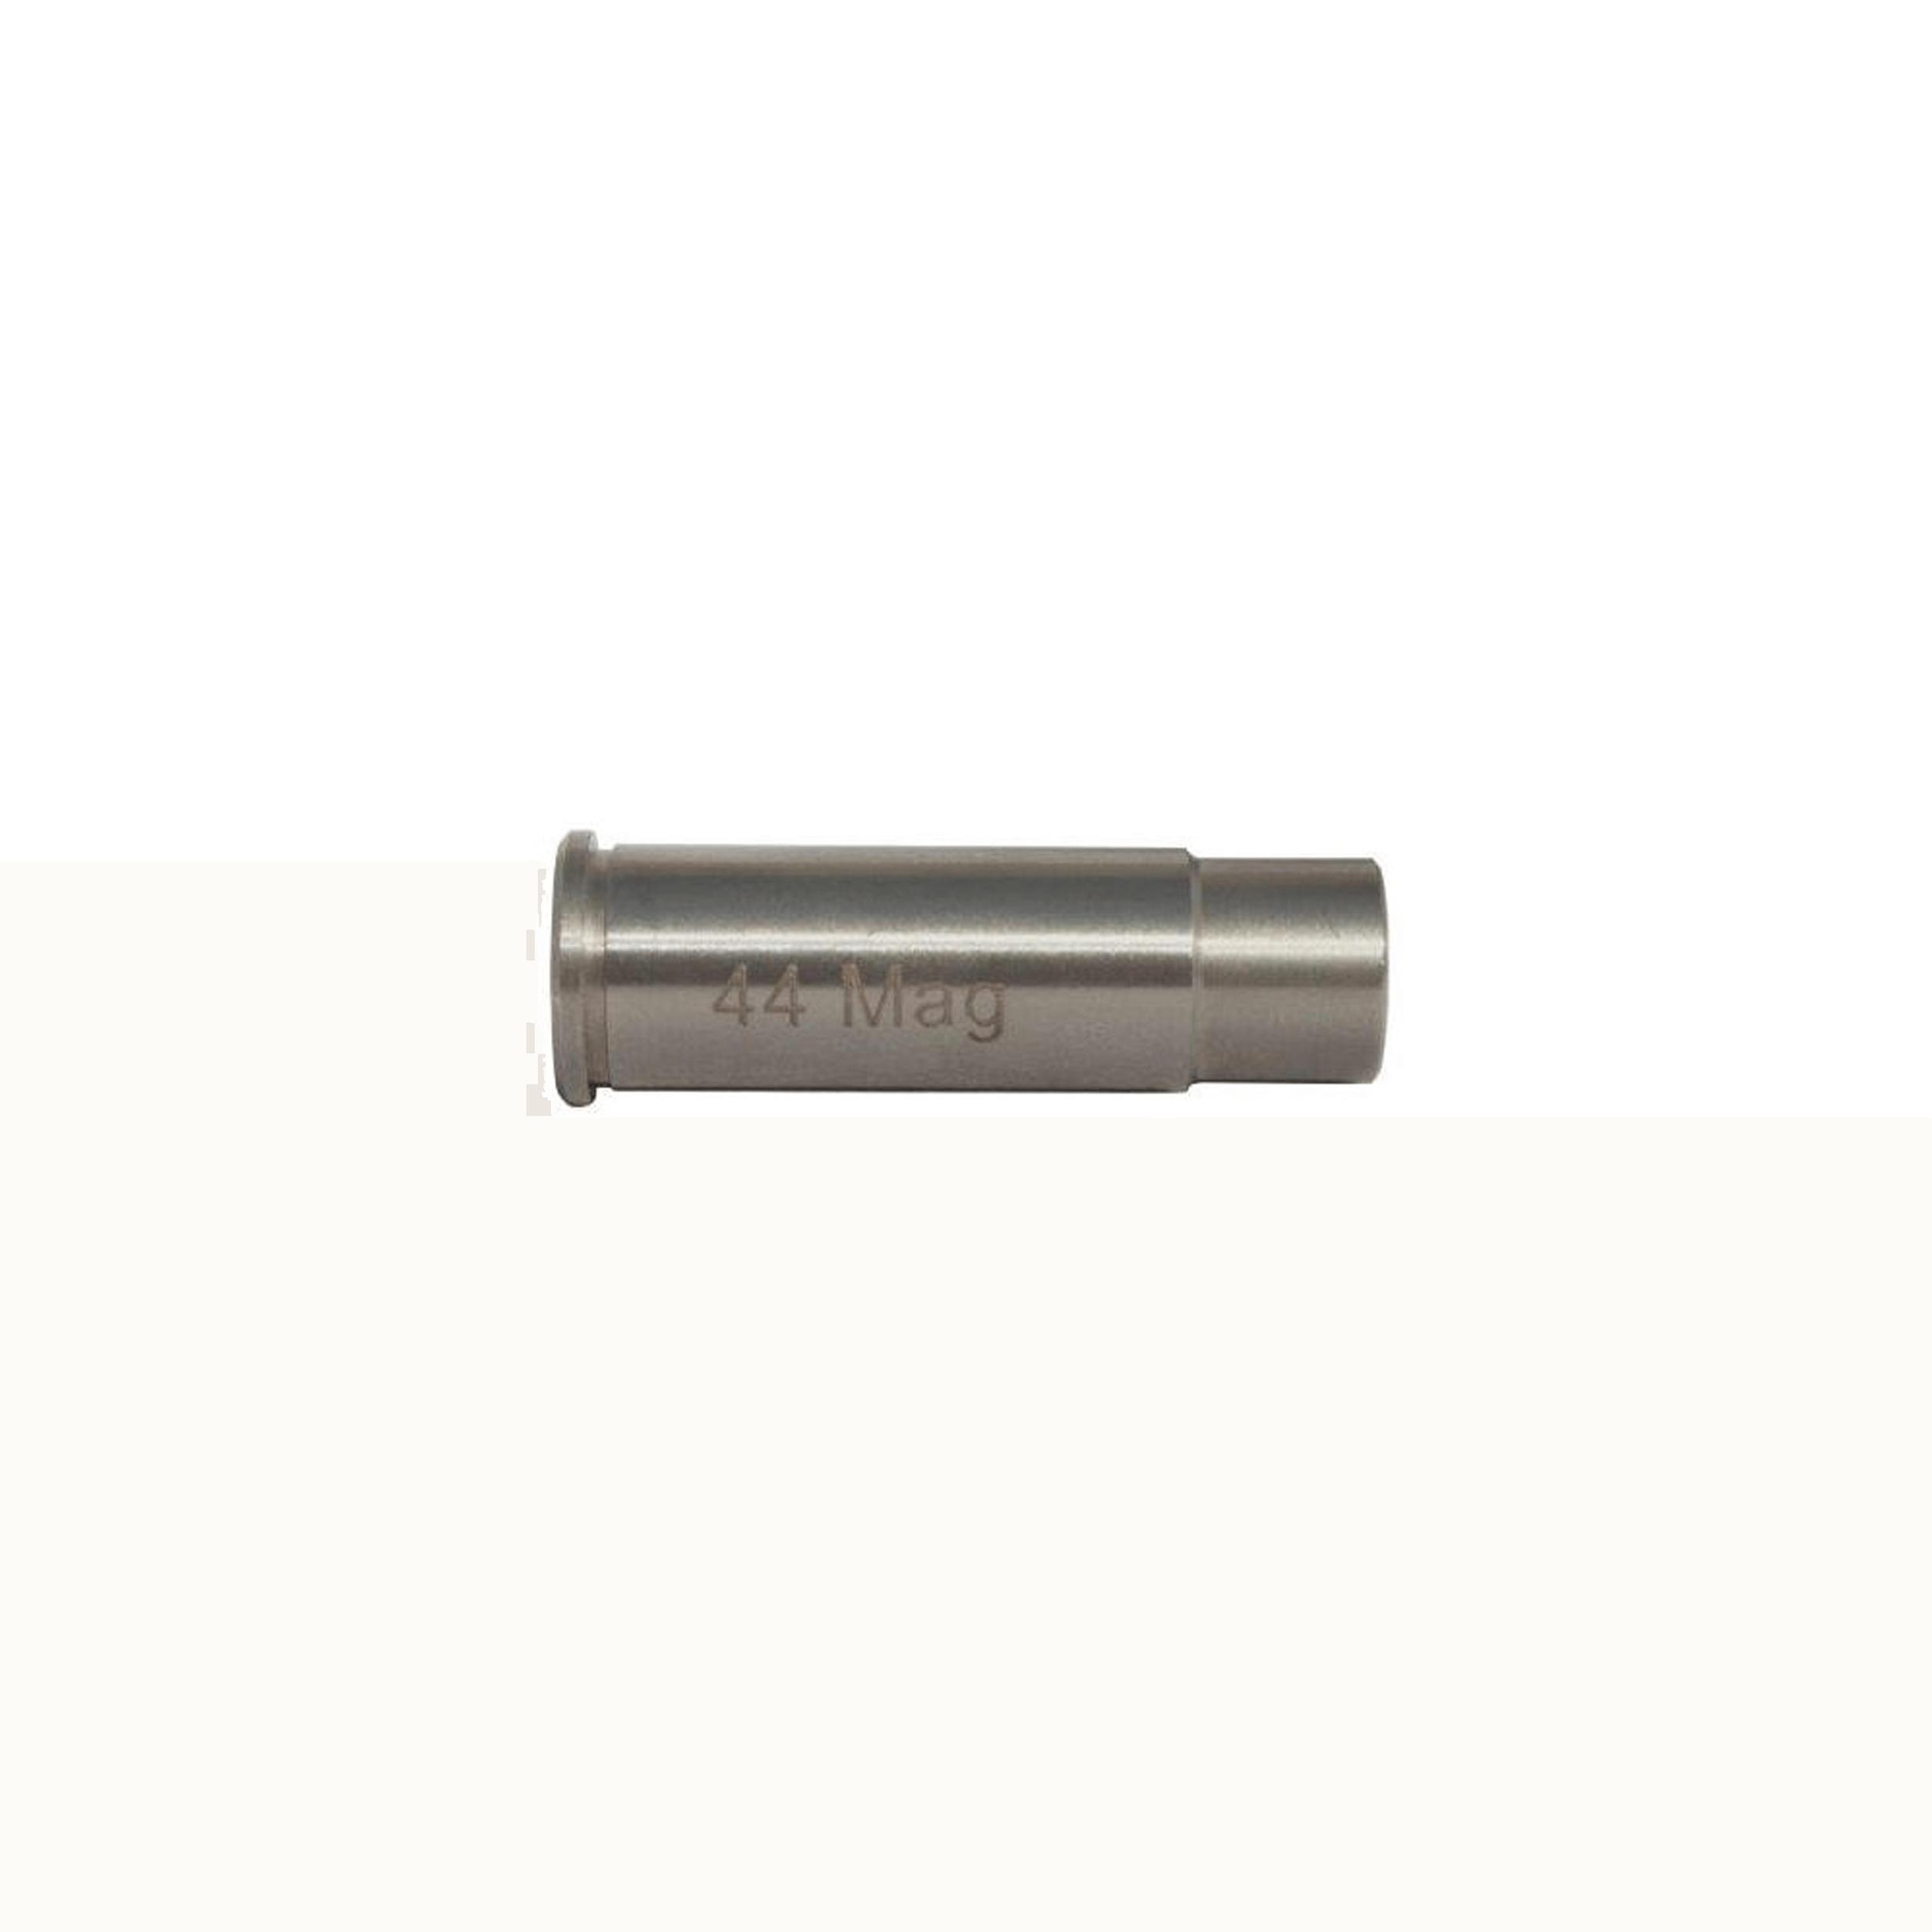 .44 Magnum Adapter